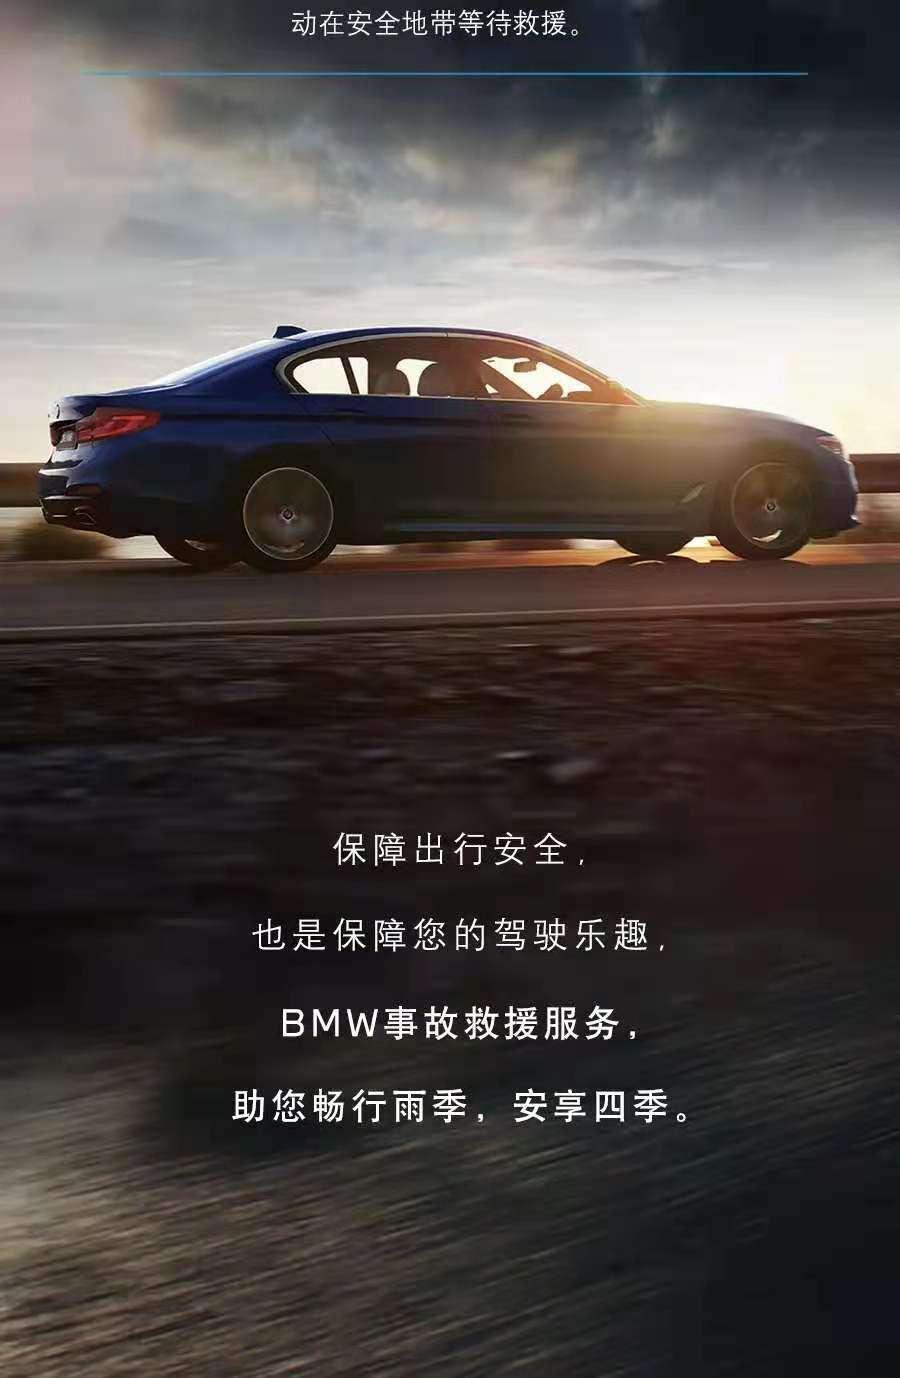 卓越客户服务 BMW雨天行车小贴士